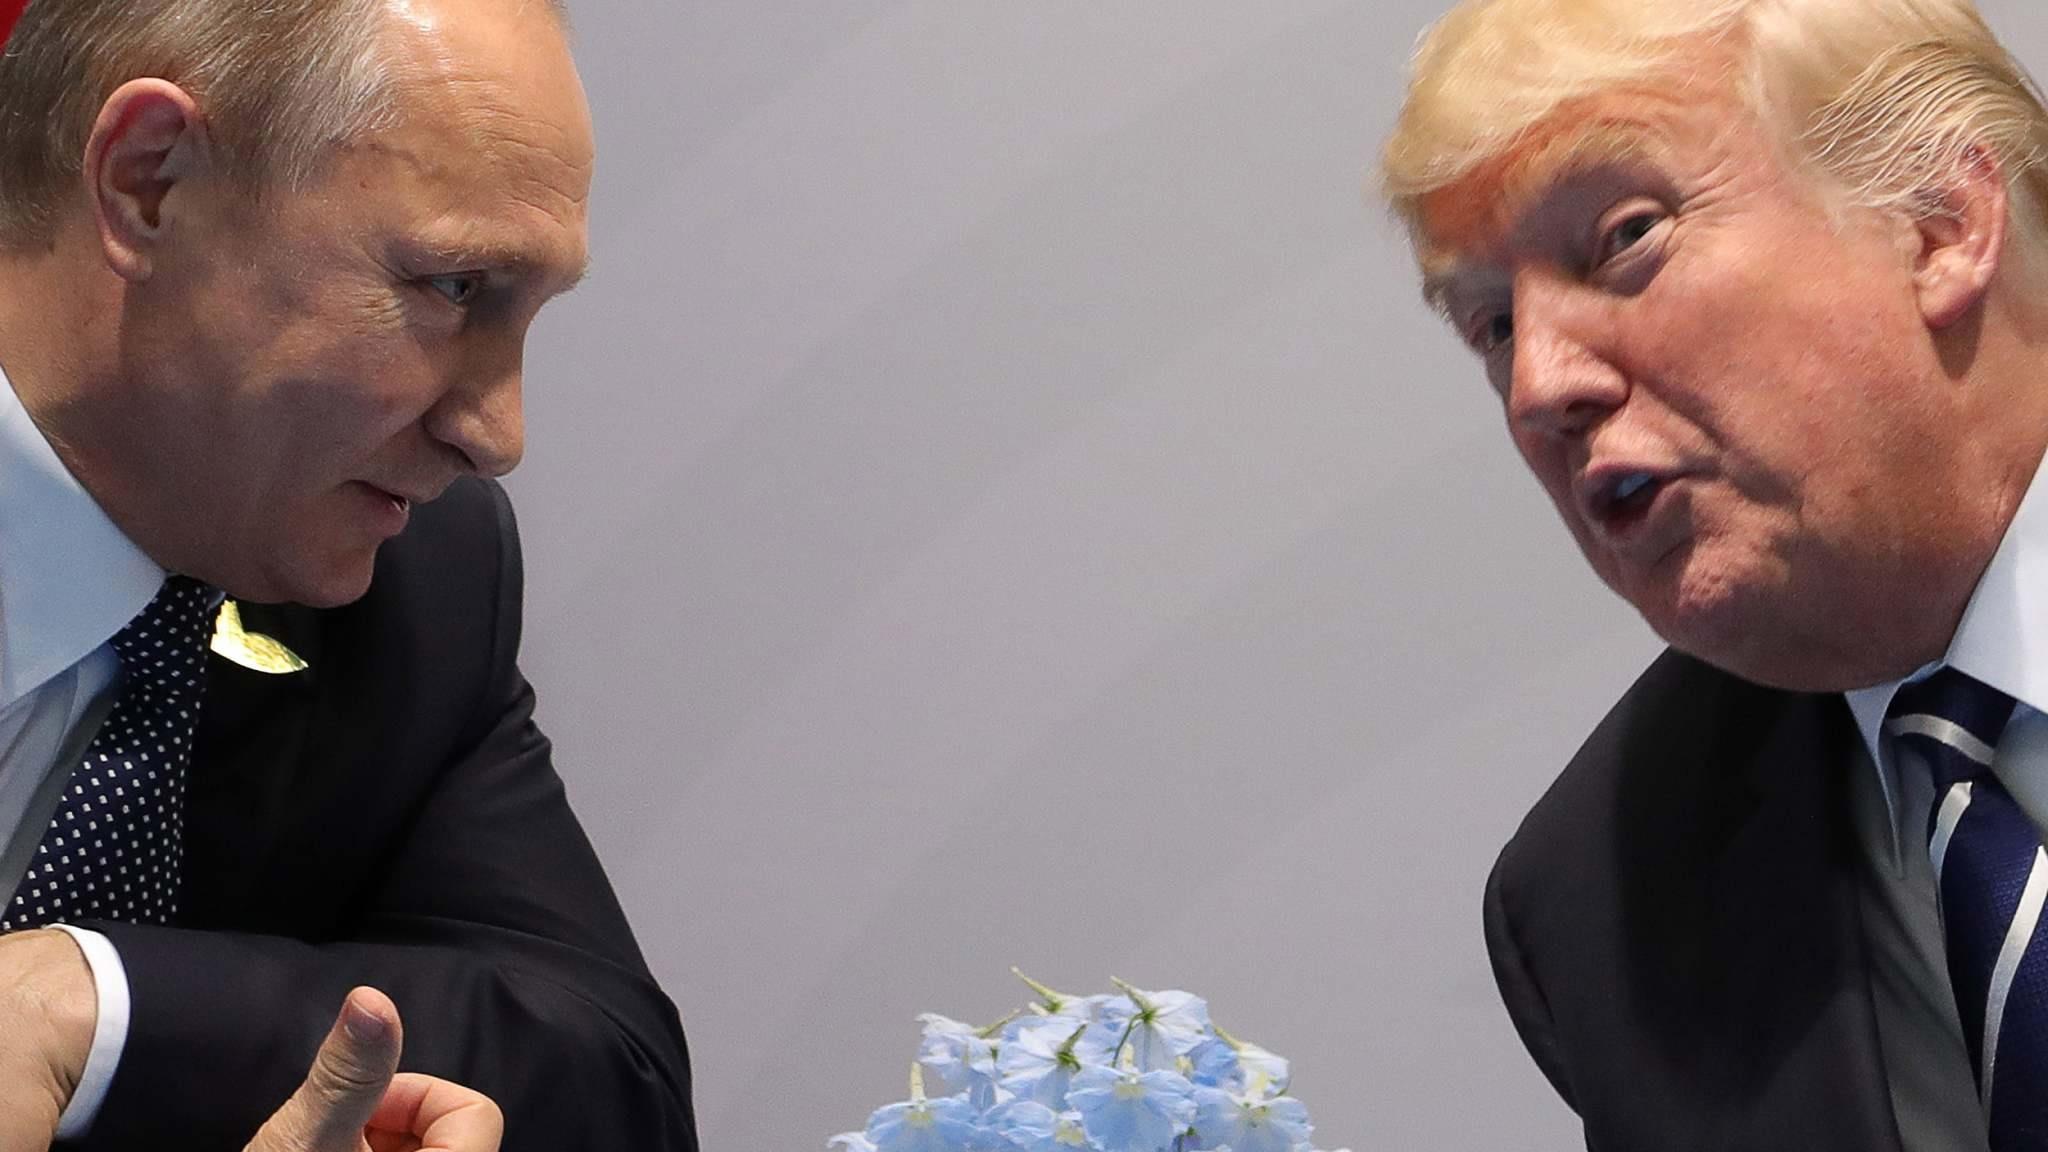 Путин и Трамп: встреча в Белом доме возможна? - DW Новости ...